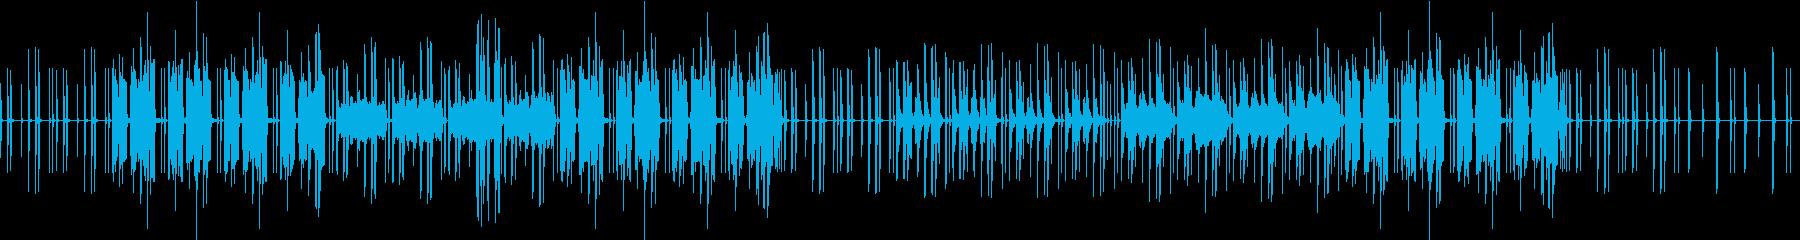 ふわっと明るい親近感のわく音楽の再生済みの波形